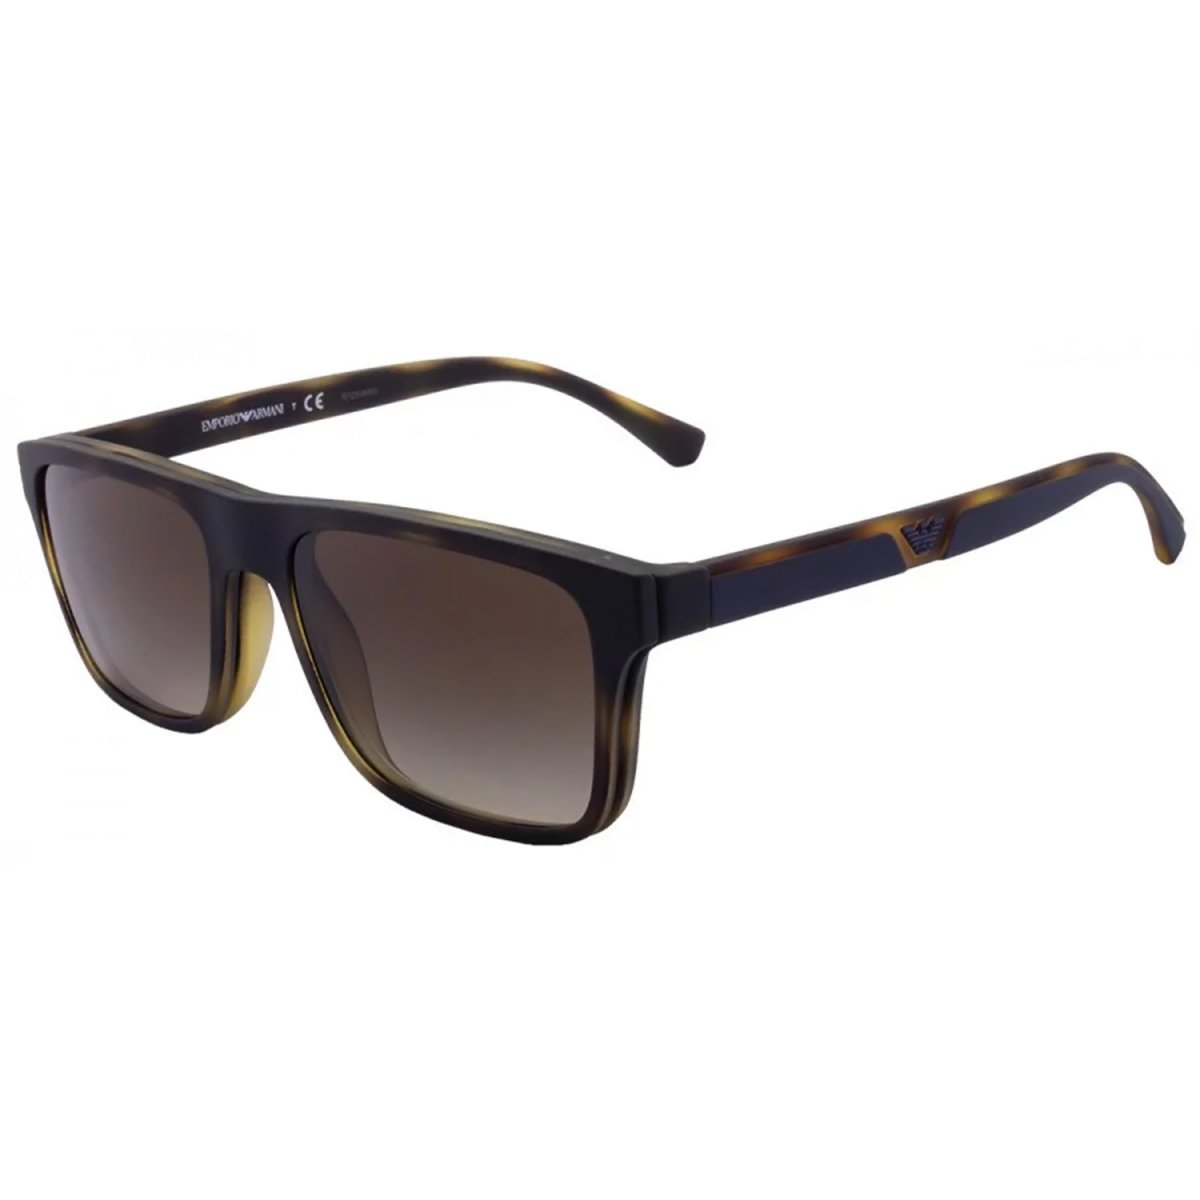 f5de71c22 Óculos de Grau Masculino Empório Armani   Óculos de Grau e Sol ...